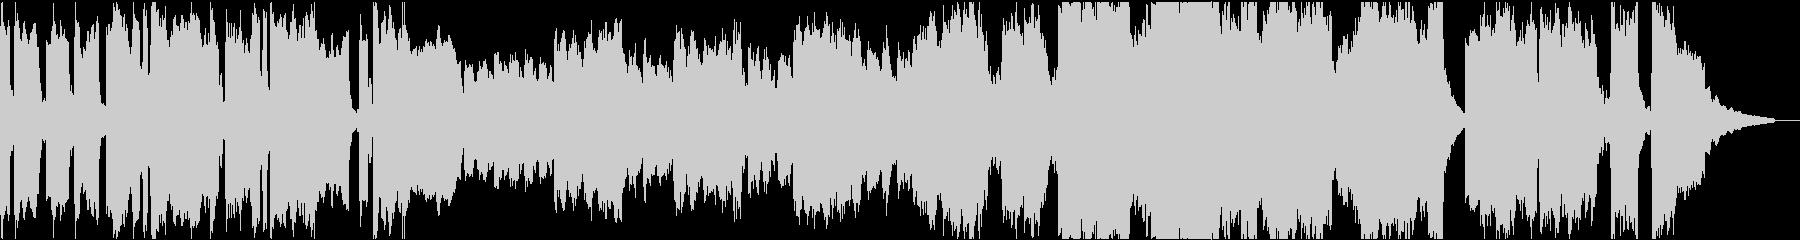 ムソルグスキー 組曲「展覧会の絵」 6の未再生の波形